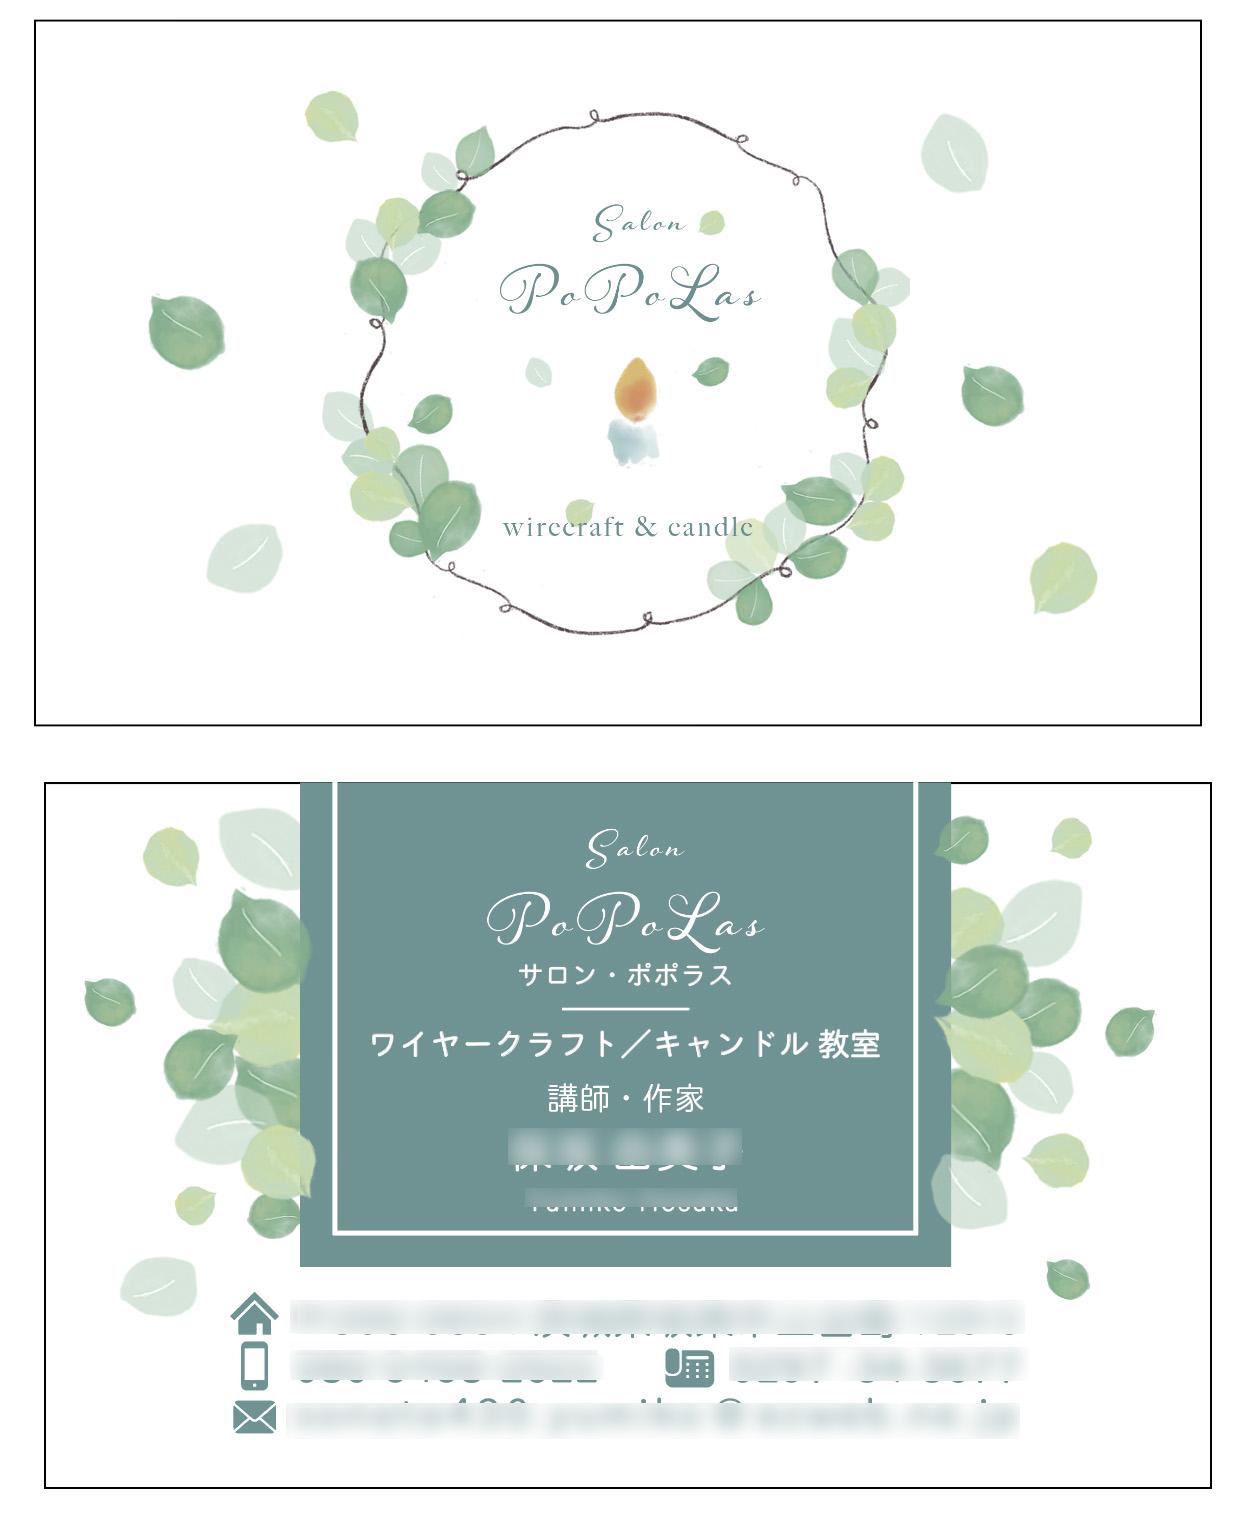 名刺制作_エコズデザイン